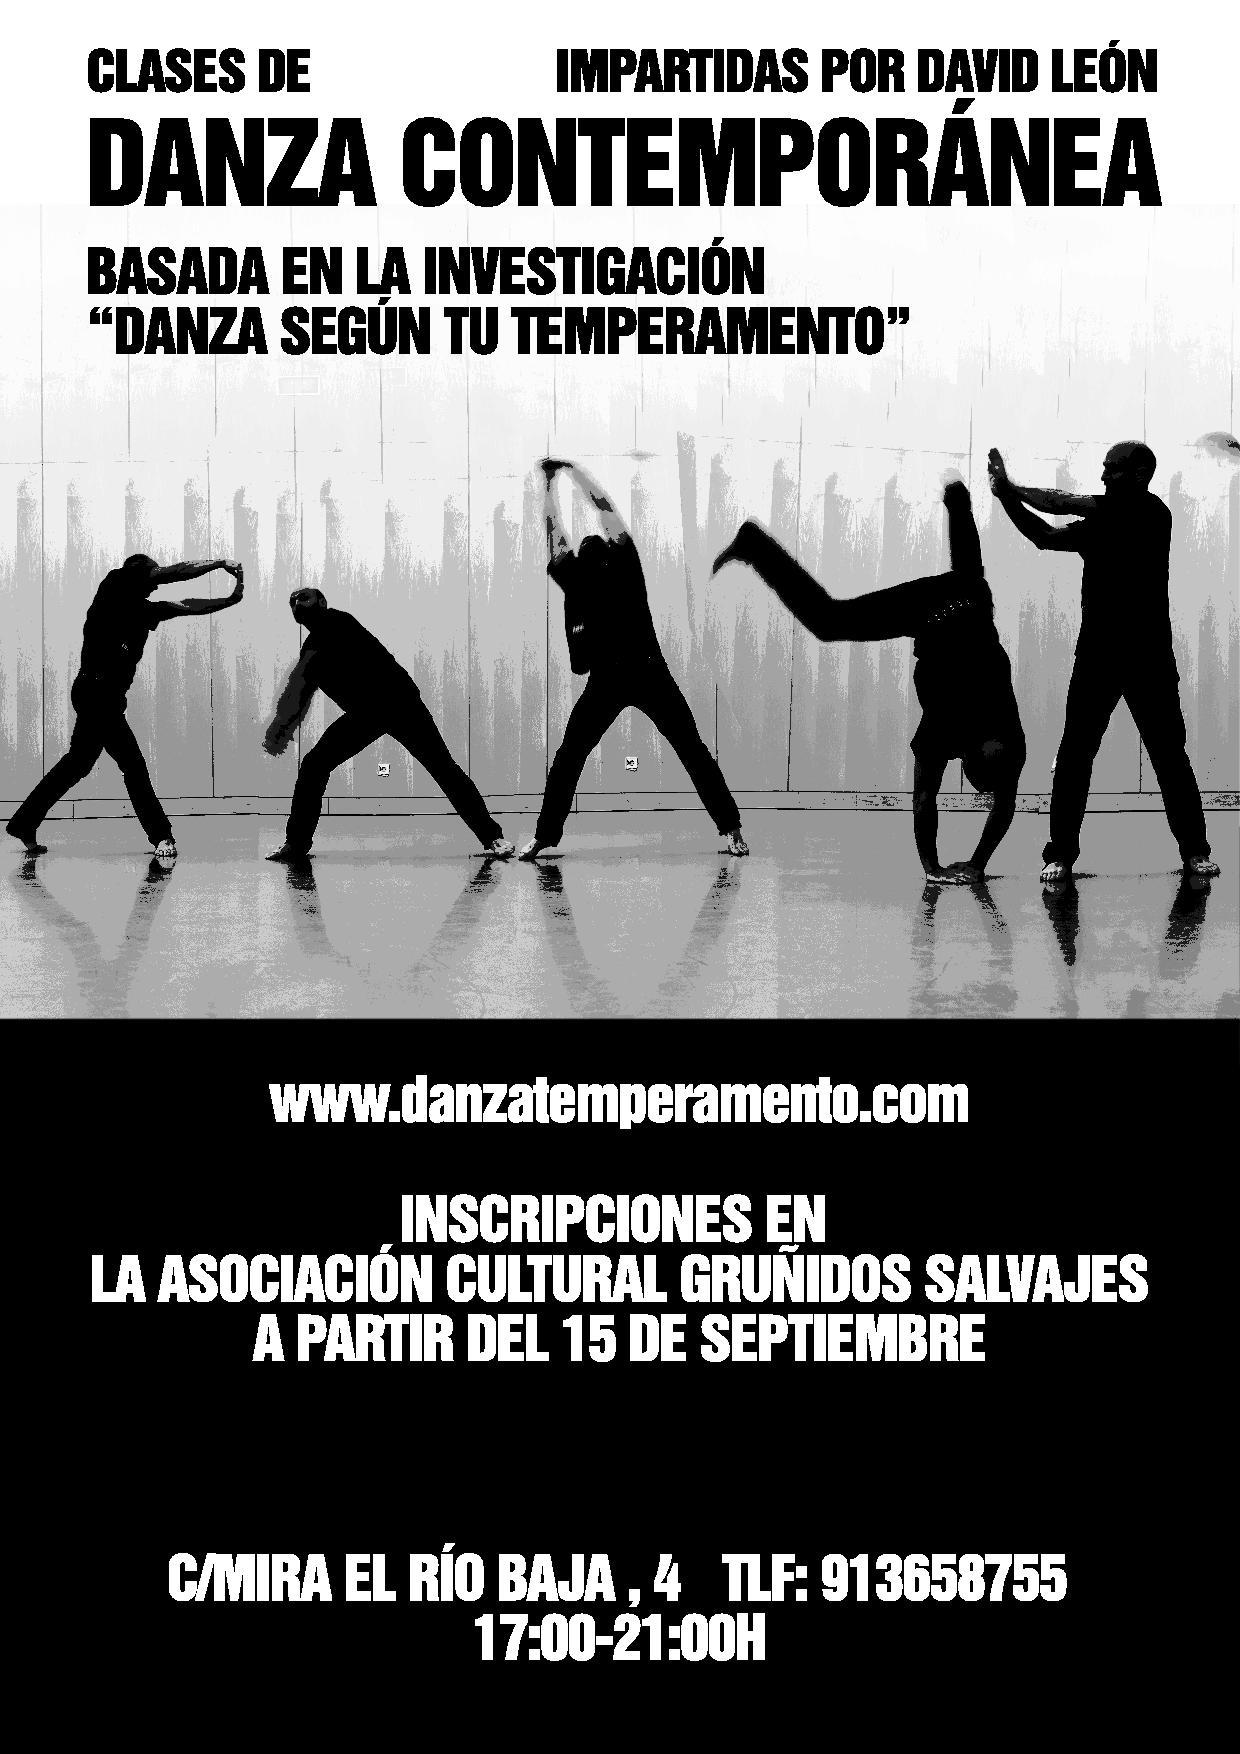 Iniciamos el WORKSHOP regular de Danza-Temperamento en Gruñidos Salvajes